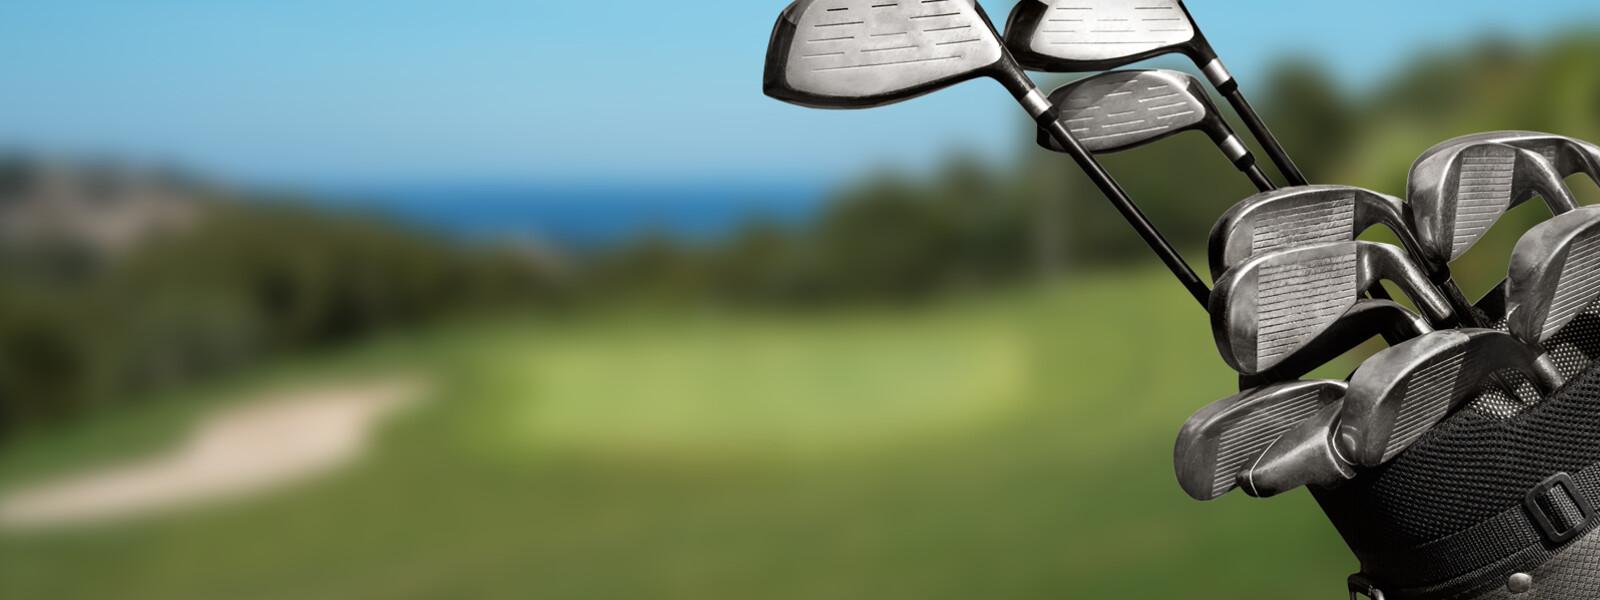 Golfschläger kaufen – worauf Sie dabei achten sollten